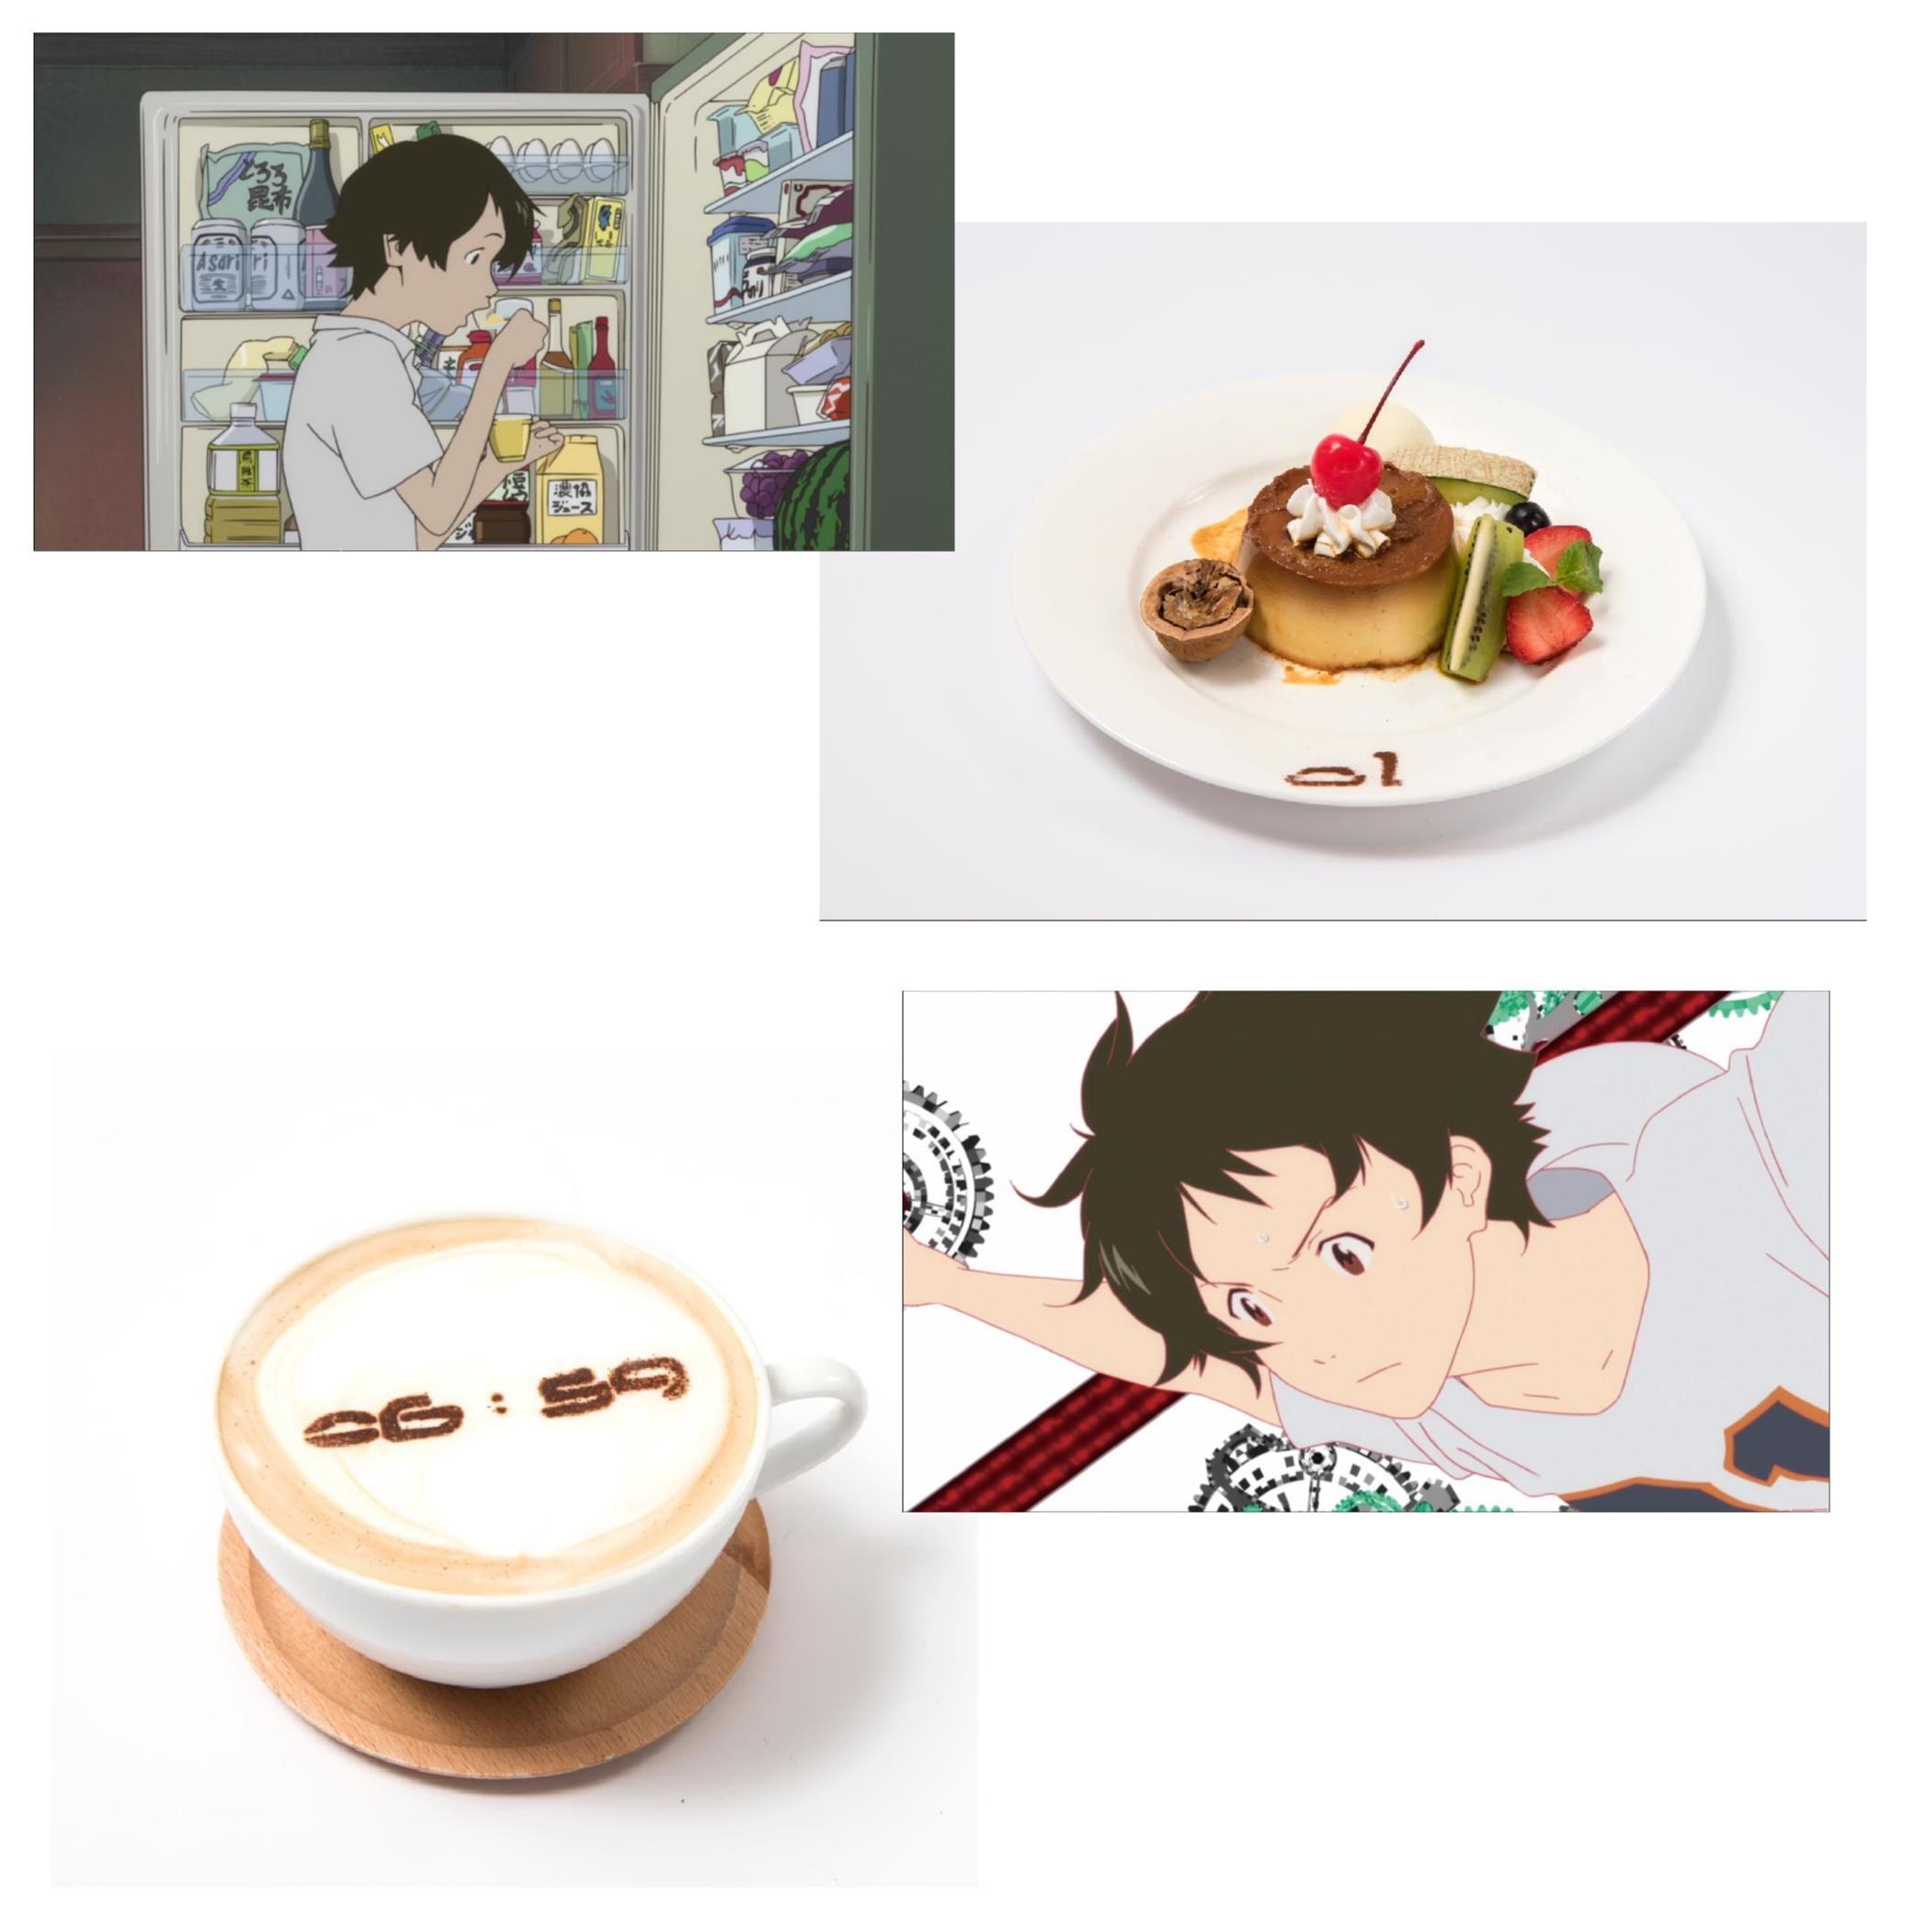 渋谷に期間限定オープン☆ 細田守監督作品が大集合した『時をかける少女カフェ』!_1